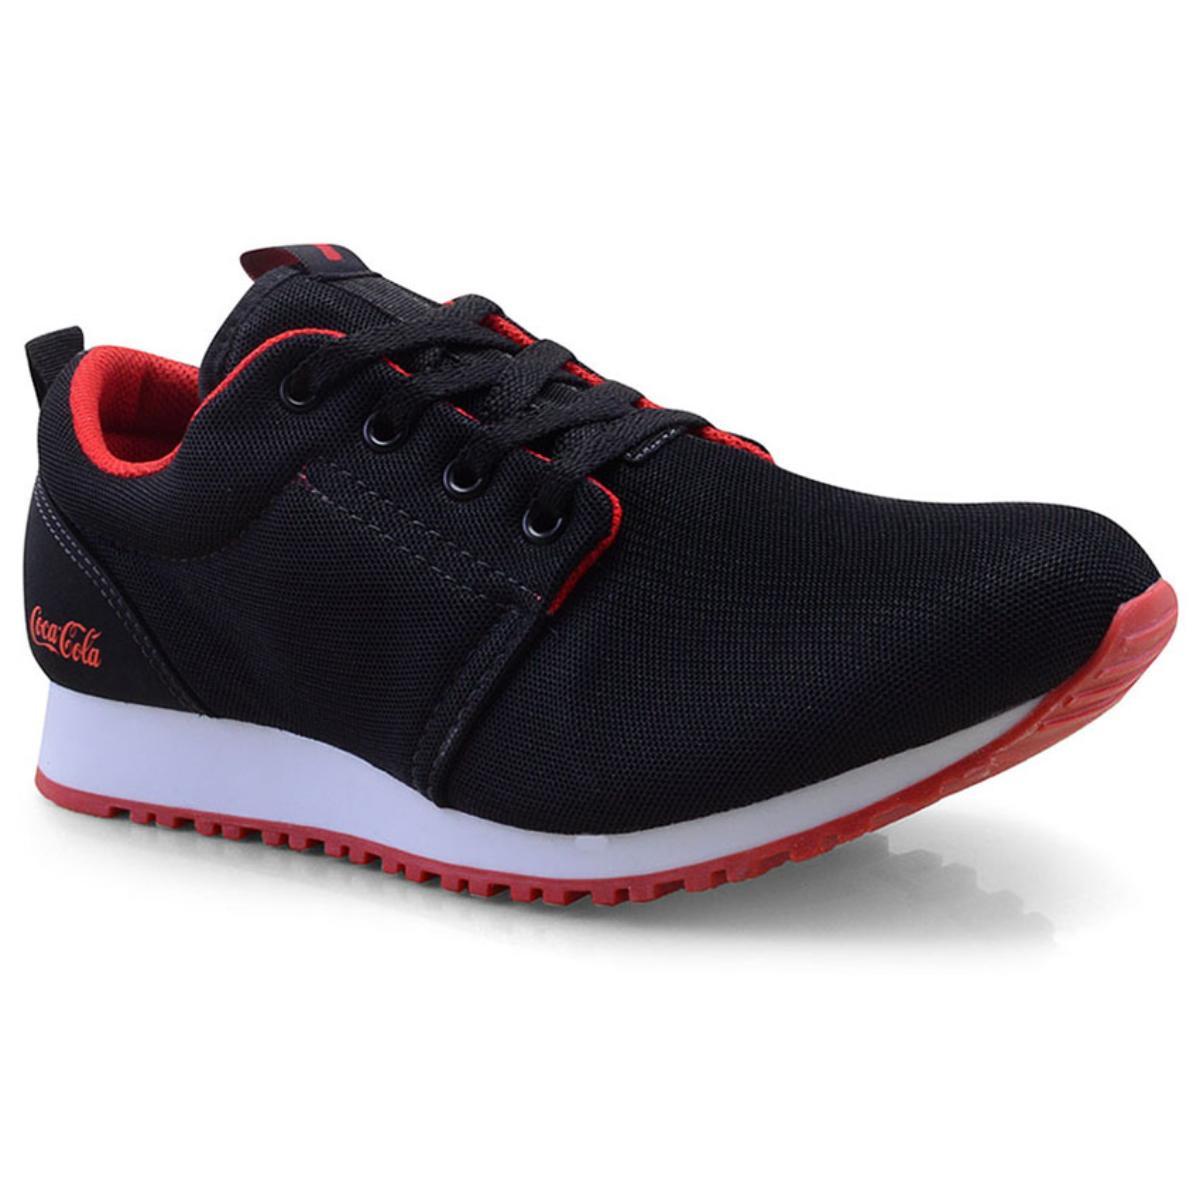 Tênis Masculino Coca-cola Shoes Cc1152 Preto/vermelho